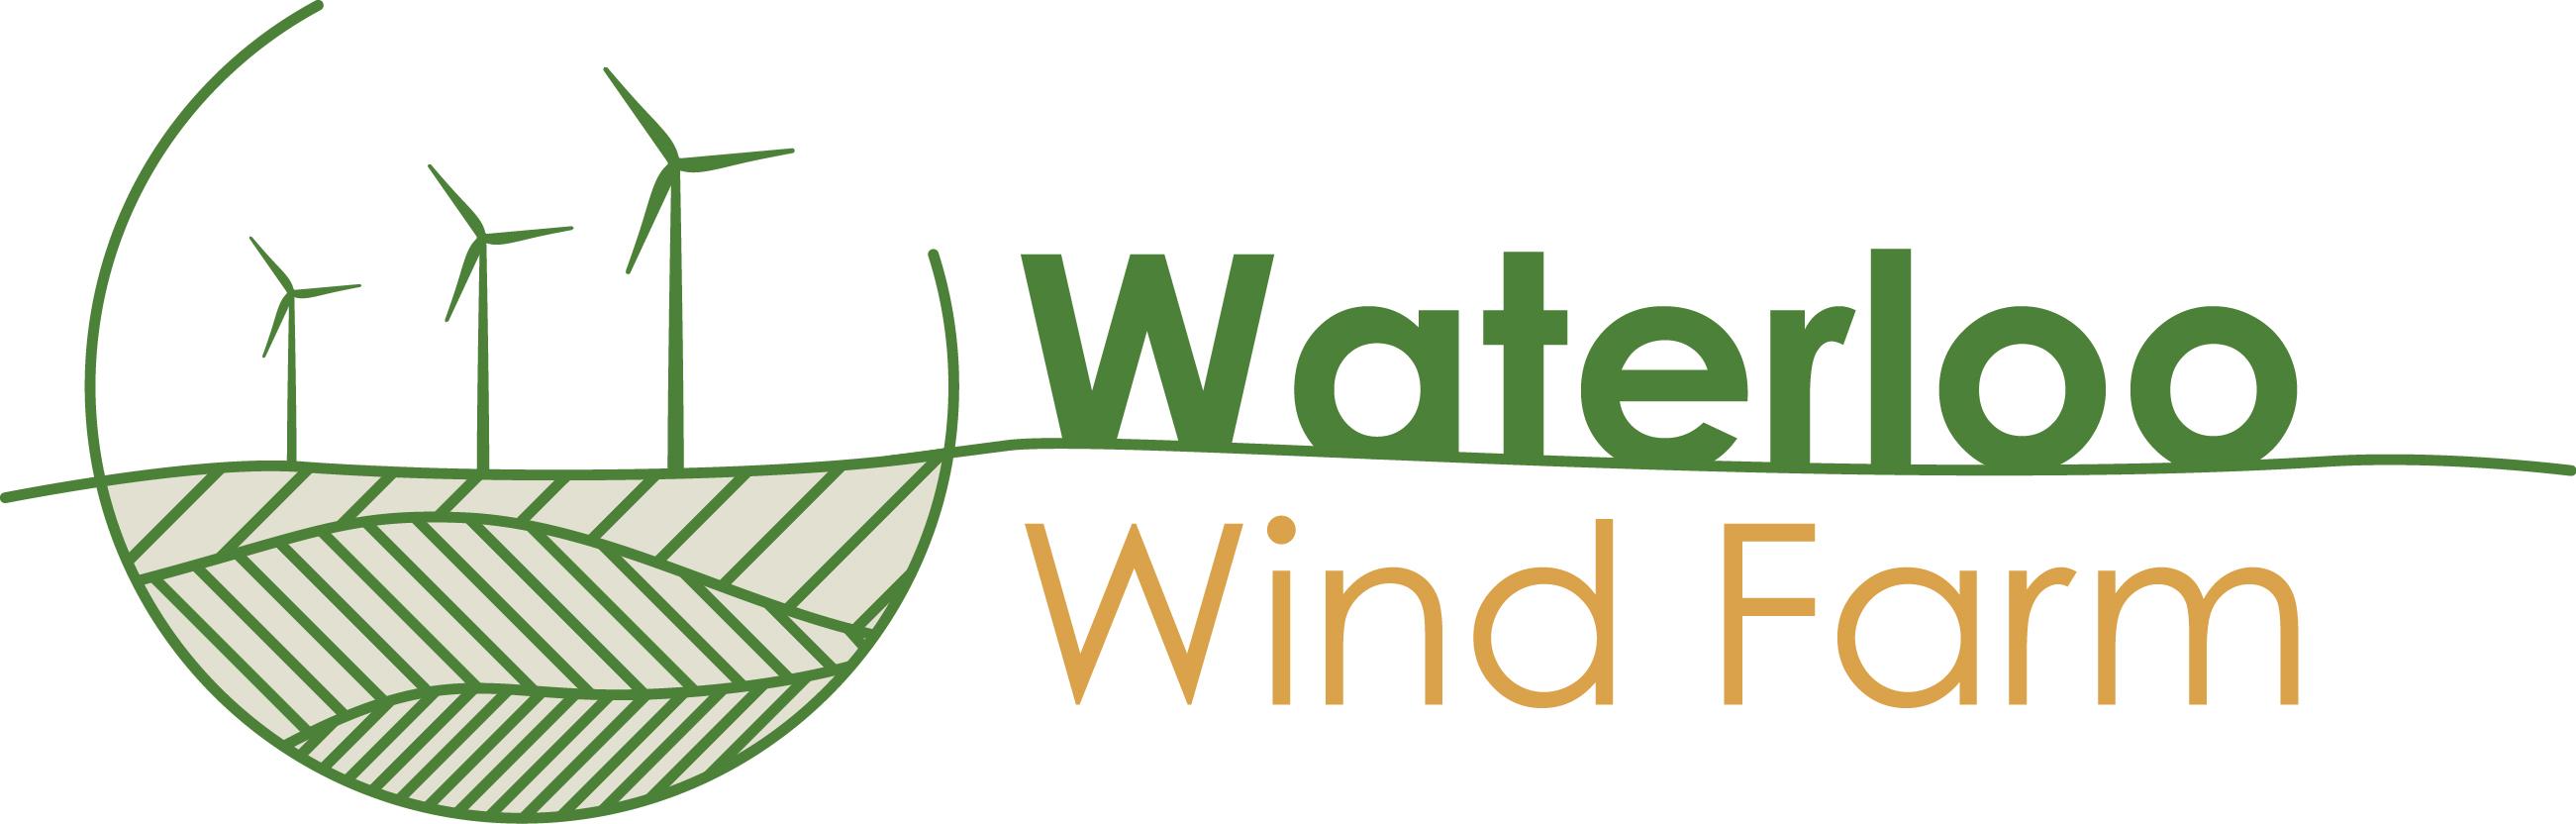 WaterlooWindfarm